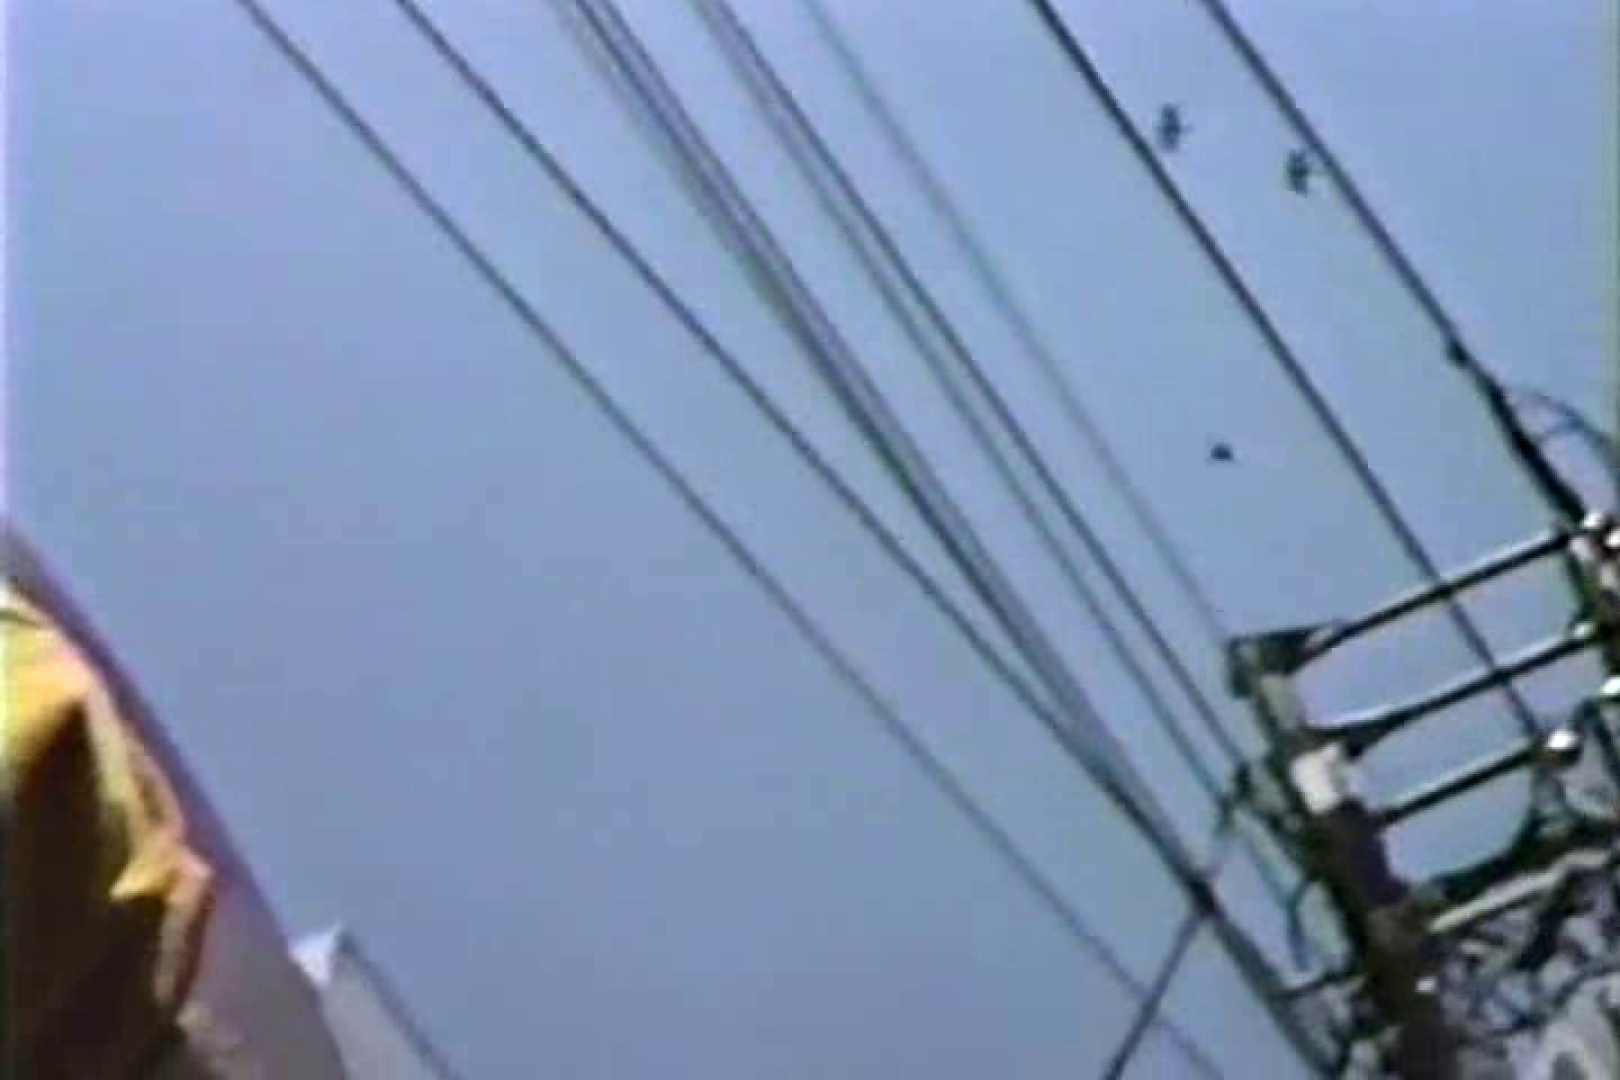 生パン逆さ撮りTK-021 パンチラのぞき エロ画像 80画像 70